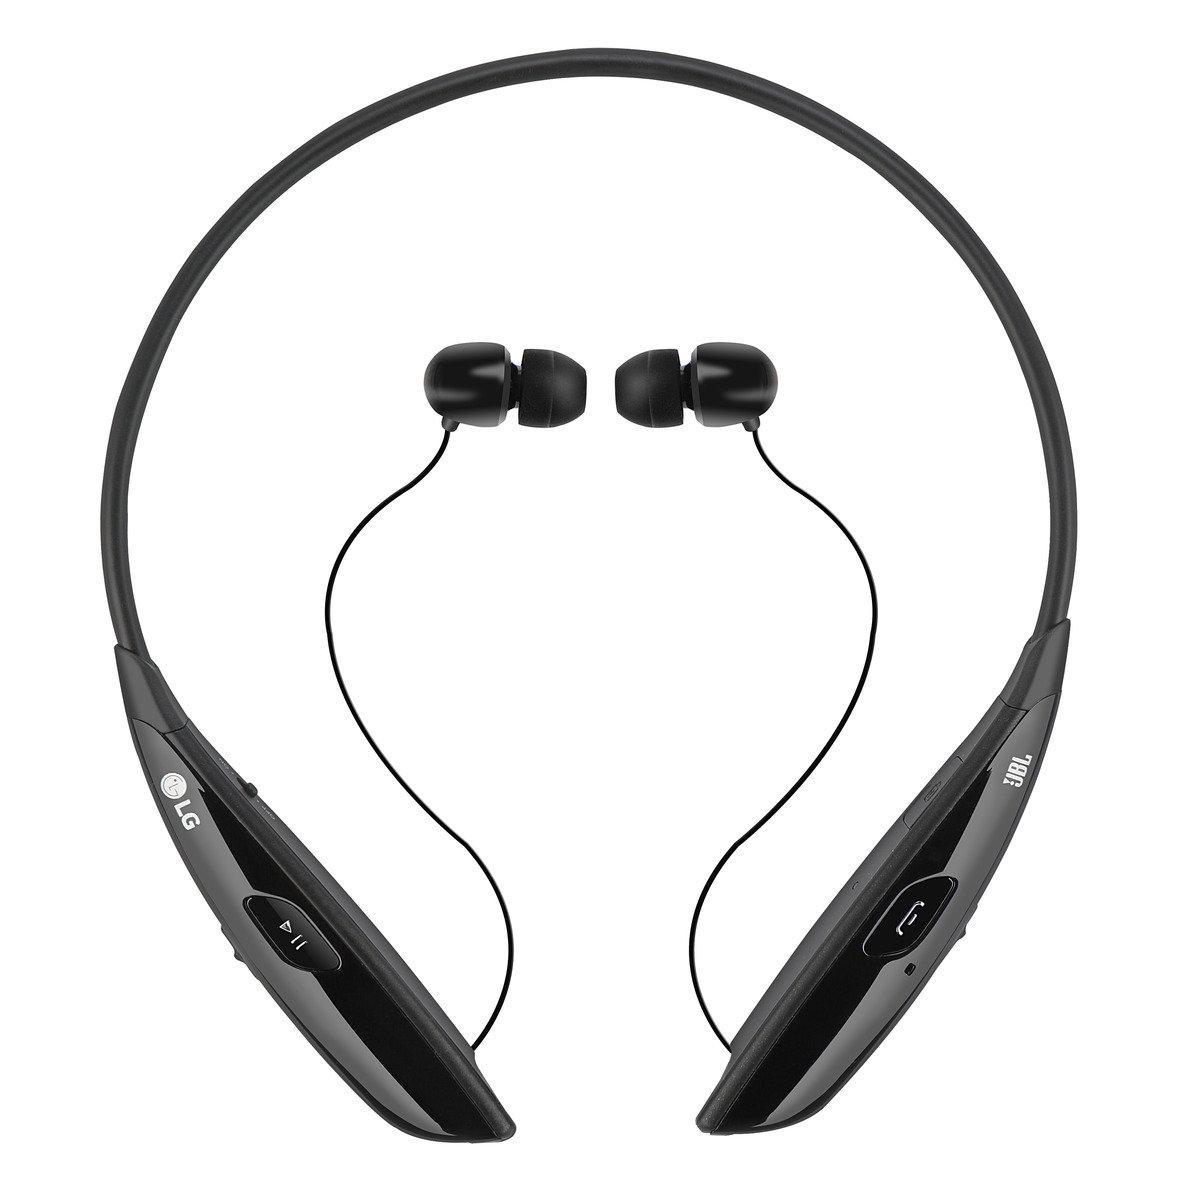 HBS-810 Tone Ultra (Black)